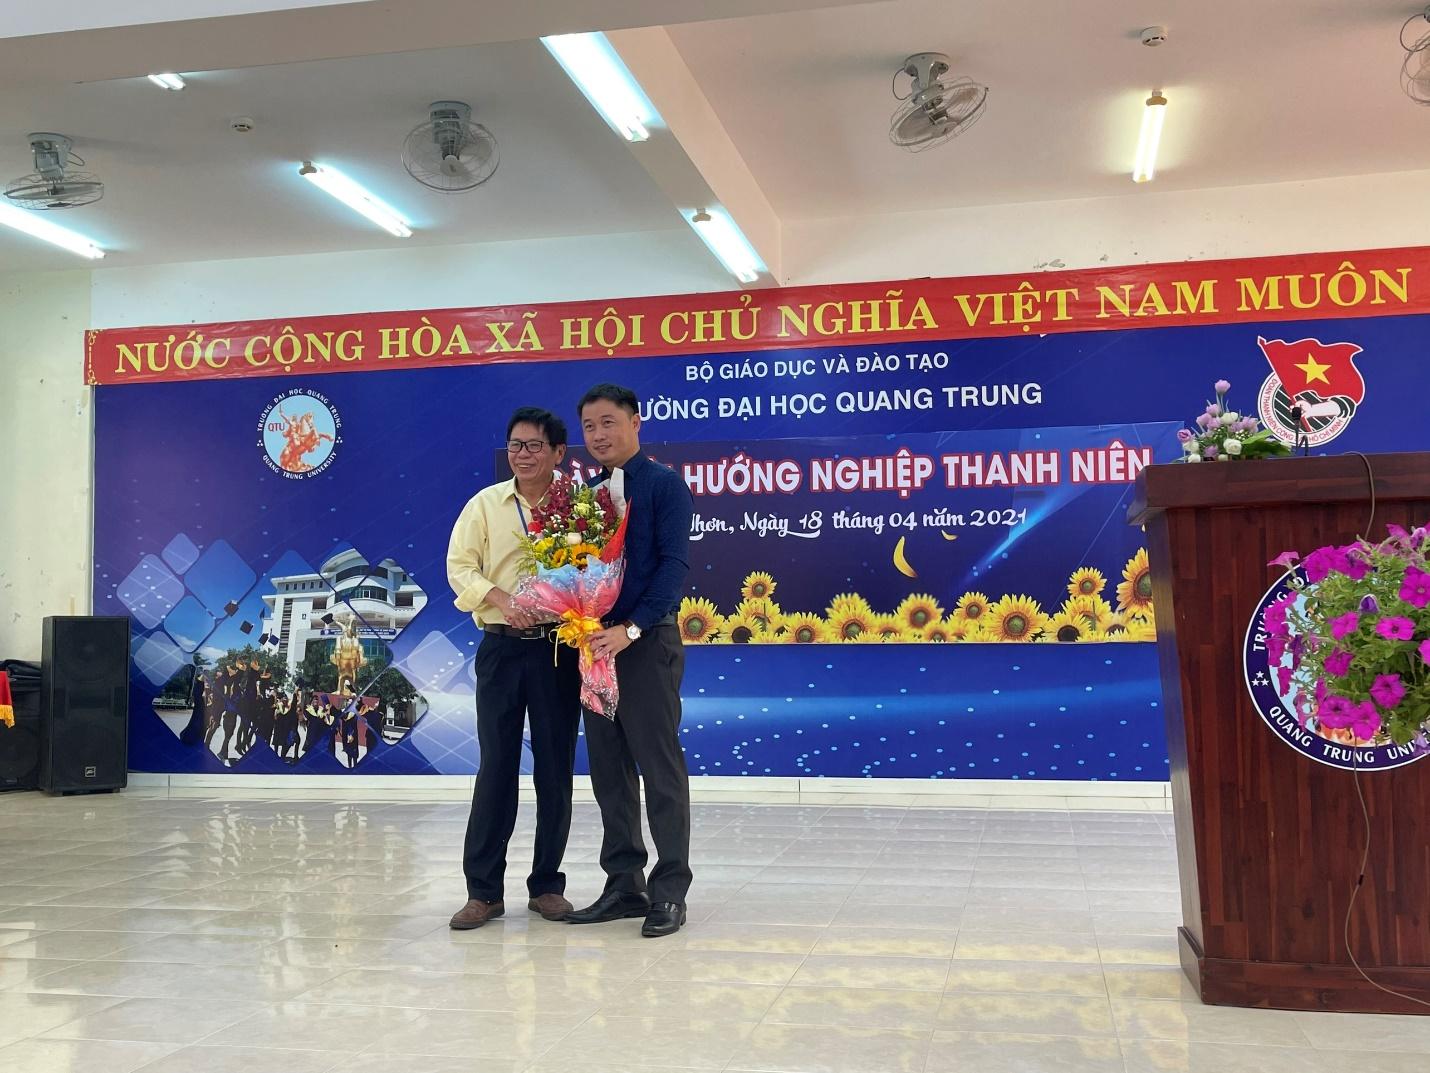 Học thật, làm đúng, sống tử tế là thông điệp mà Trường Đại học Quang Trung và diễn giả Nguyễn Mai Lâm gửi đến Ngày hội Hướng nghiệp Thanh niên 2021?